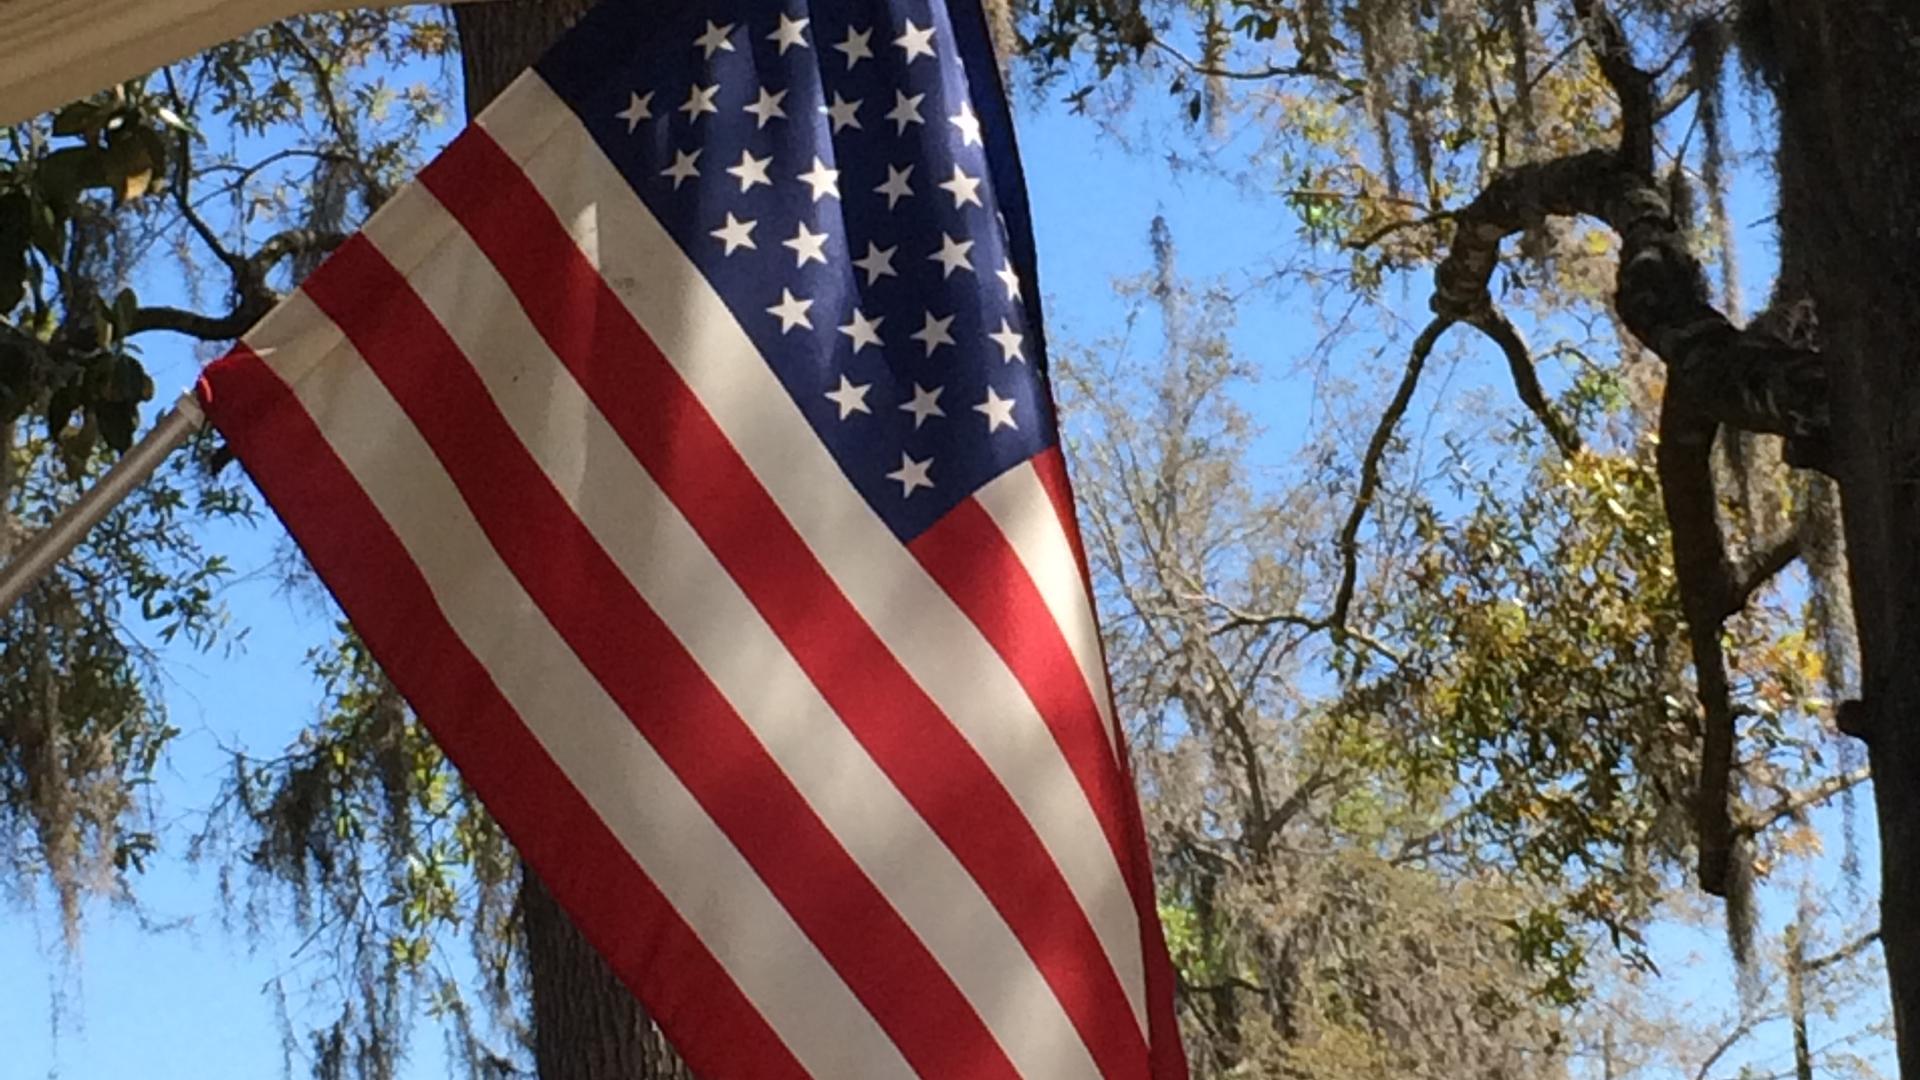 Wir haben in den USA einen natürlichen Patriotismus und freundliche Menschen getroffen – sowohl vor der Ära Trump, als auch nach deren Beginn